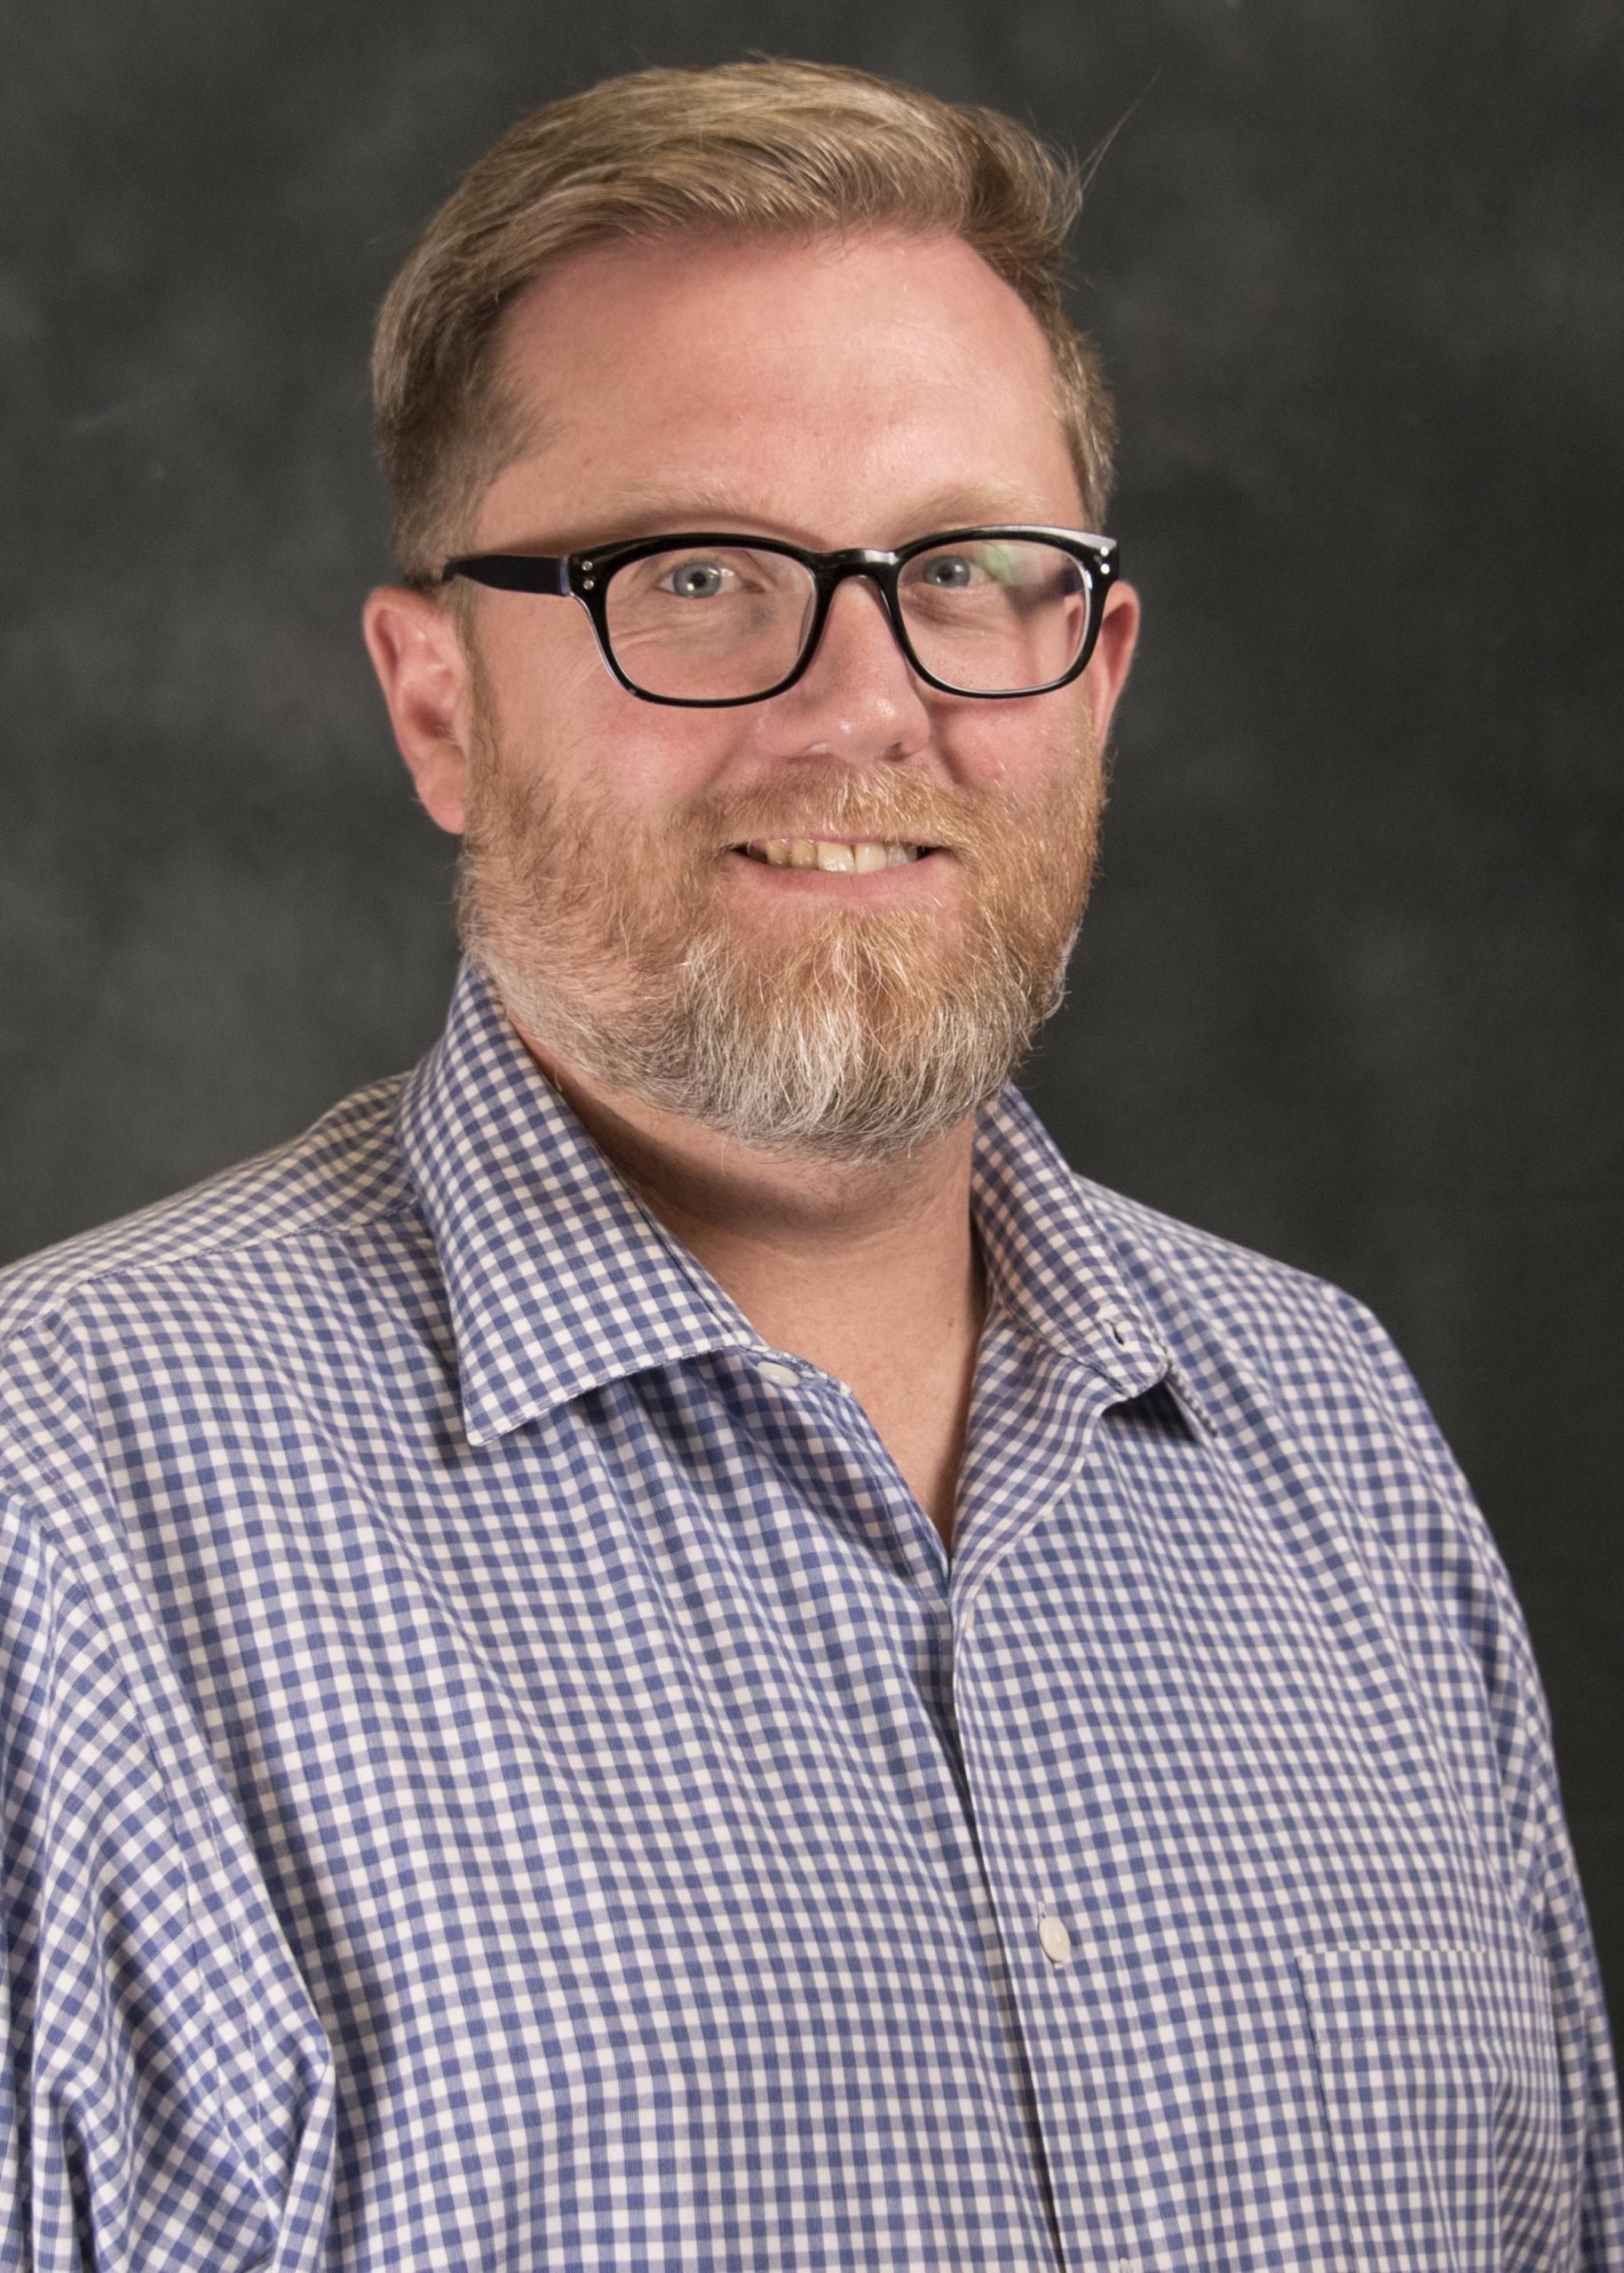 Dr. J. Marsh Howard